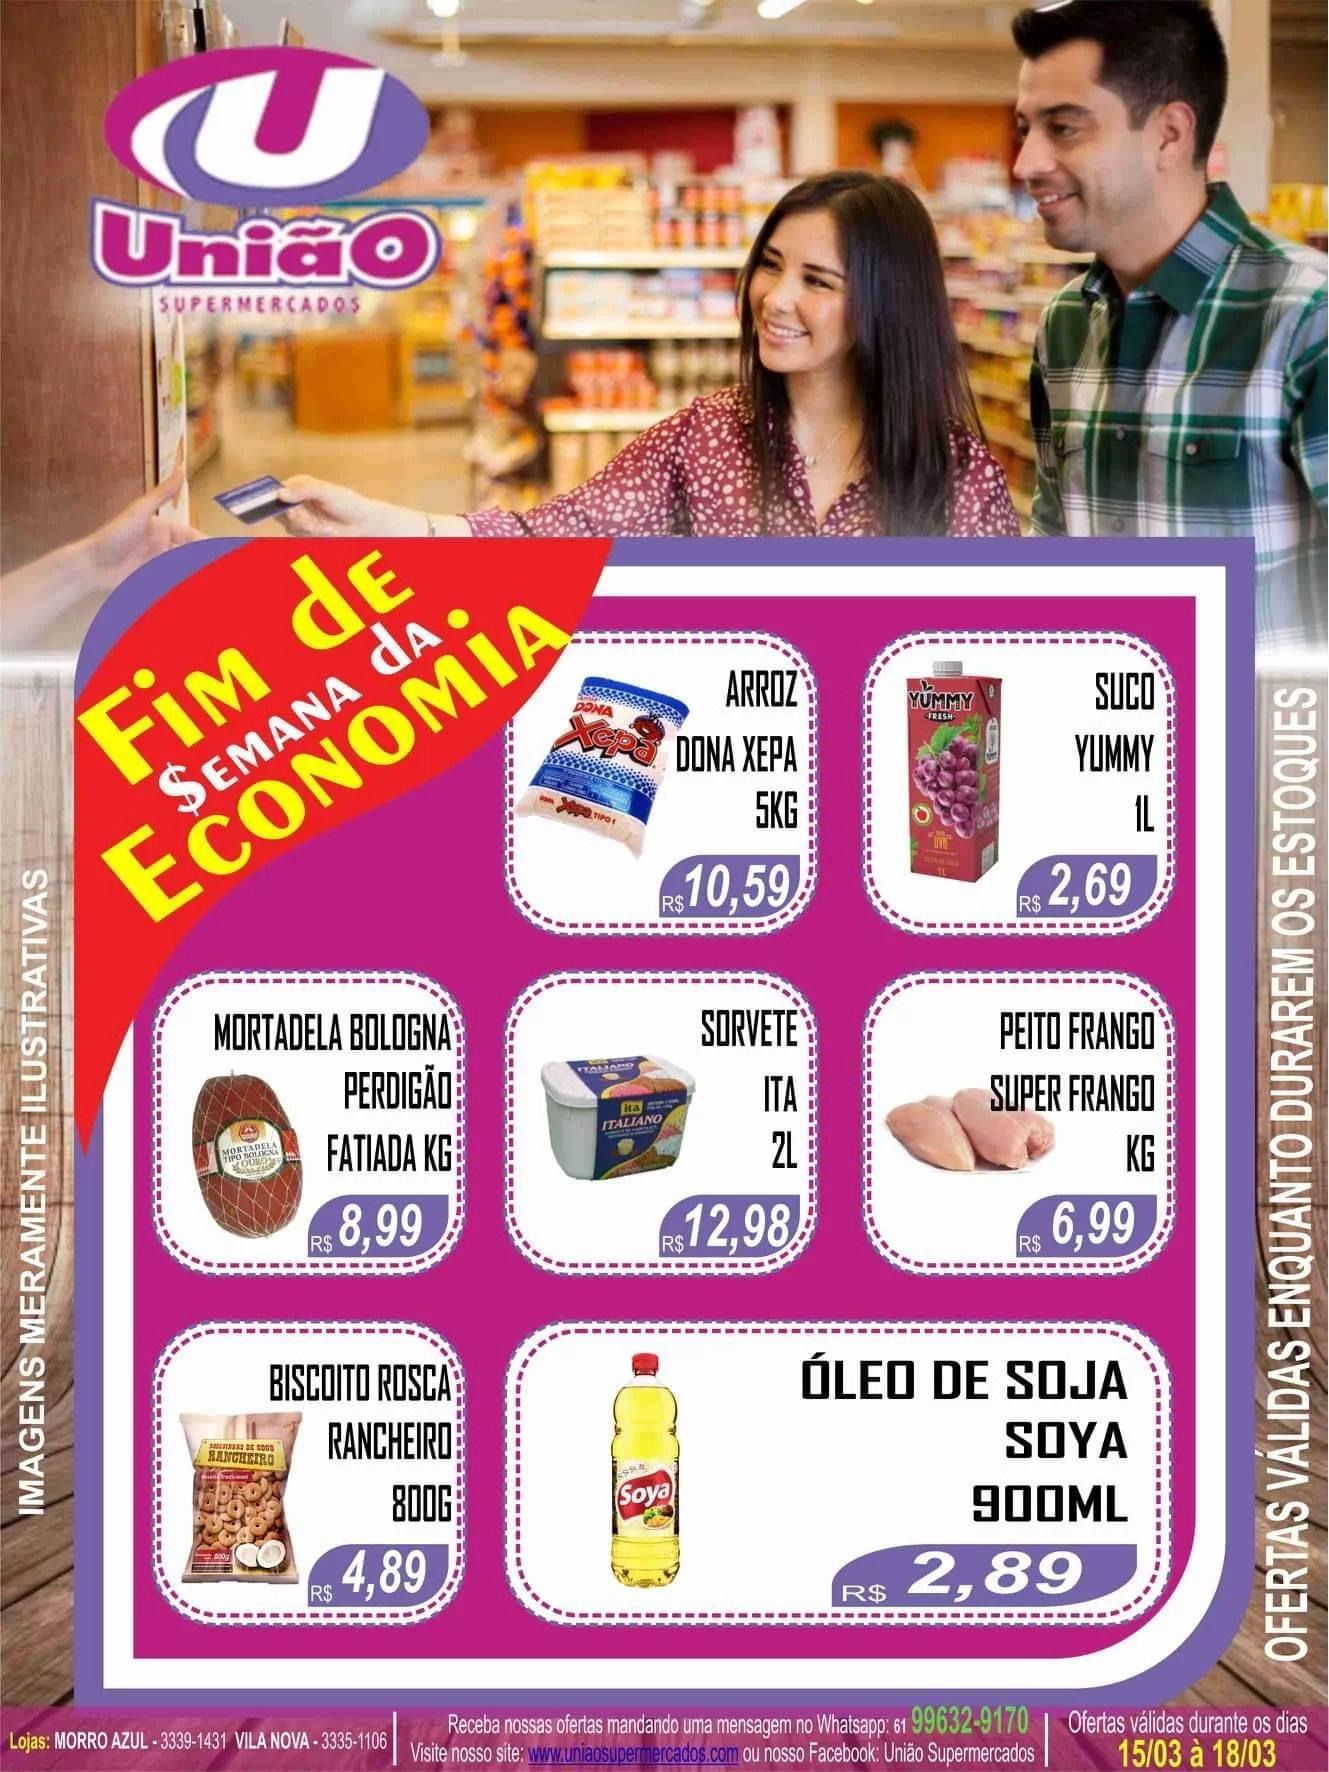 Ofertas Supermercado União81